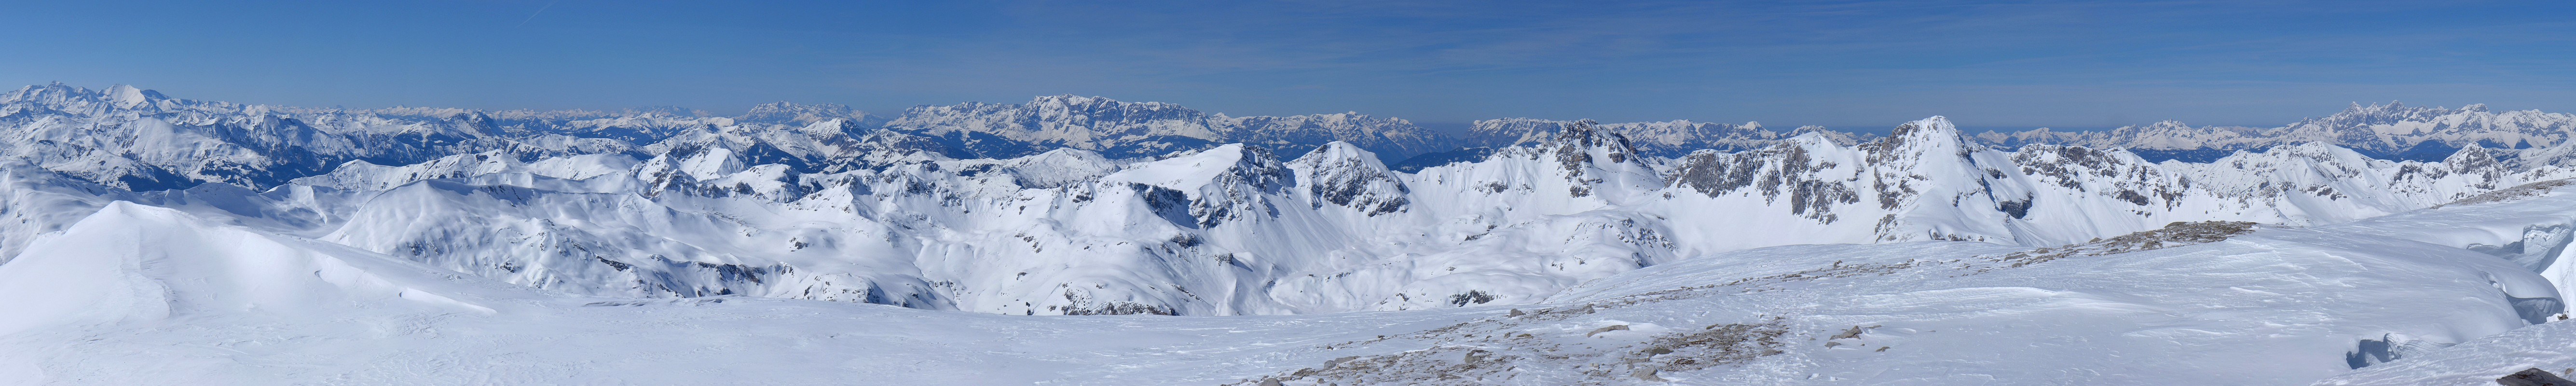 Weisseck Niedere Tauern Österreich panorama 34